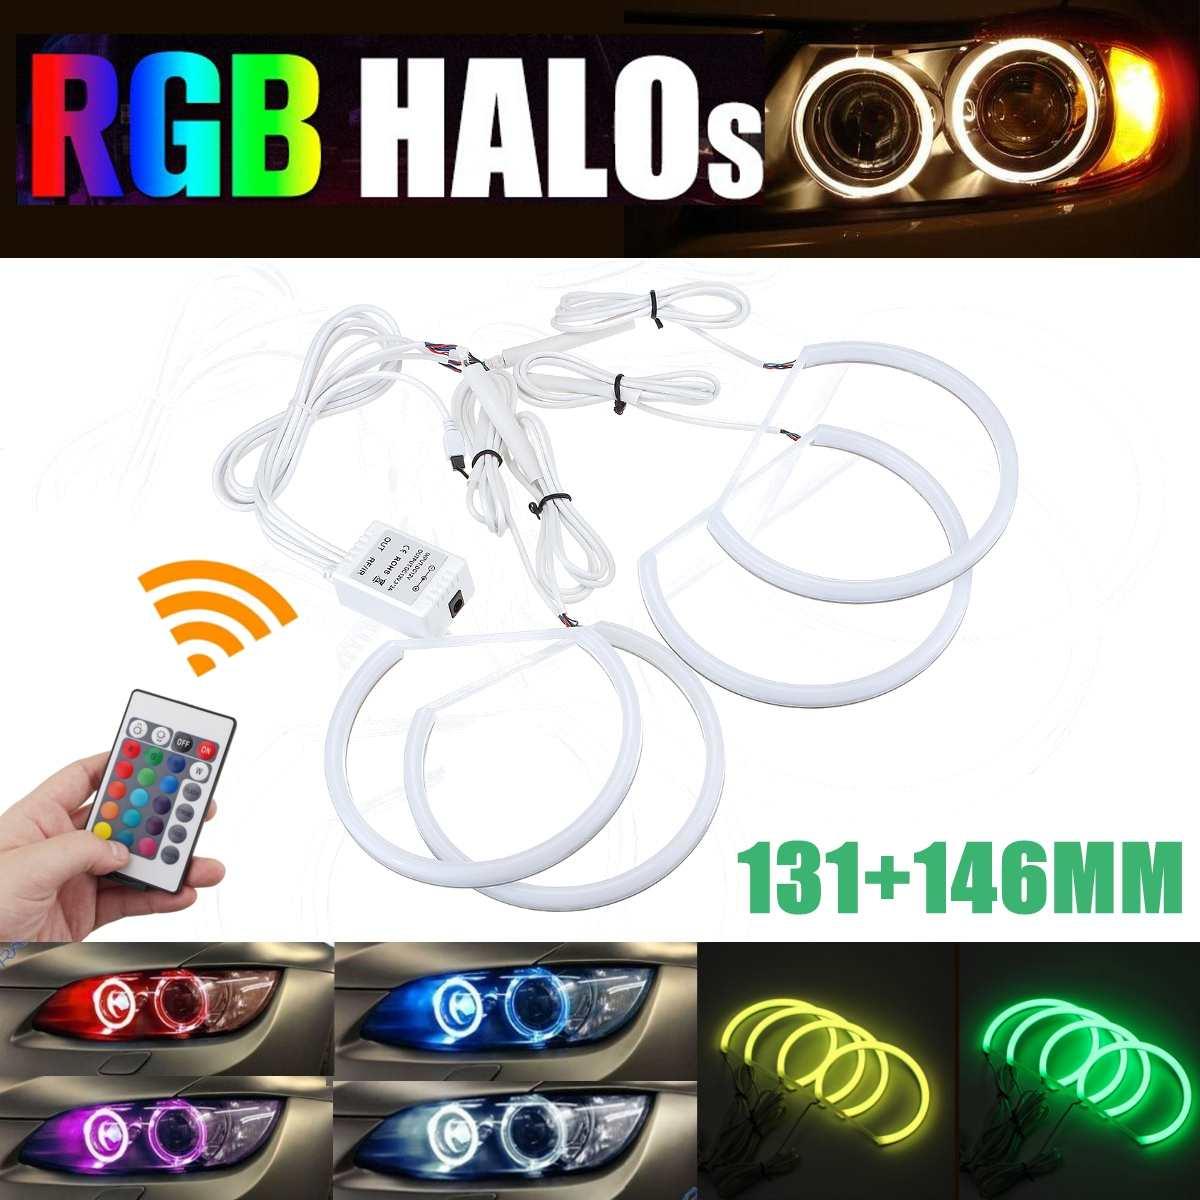 RGB Angel eyes télécommande 2*131mm & 2*146mm coton anneau halo kit pour BMW E46 A + B Non projecteur 4D 16 couleurs flash